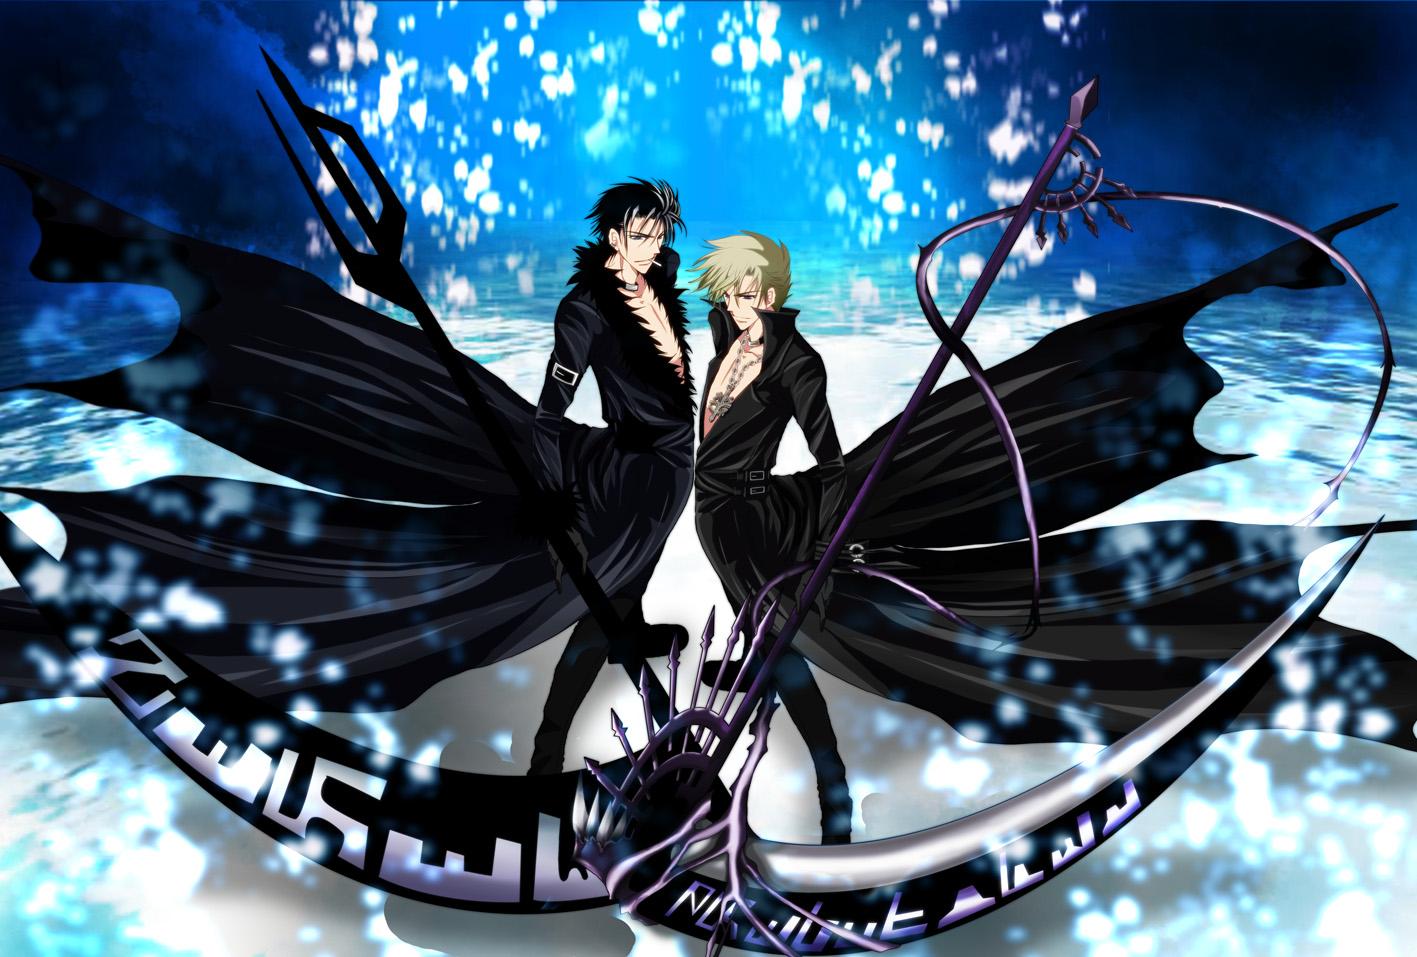 07 ghost fanart zerochan anime image board - Anime scythe wallpaper ...